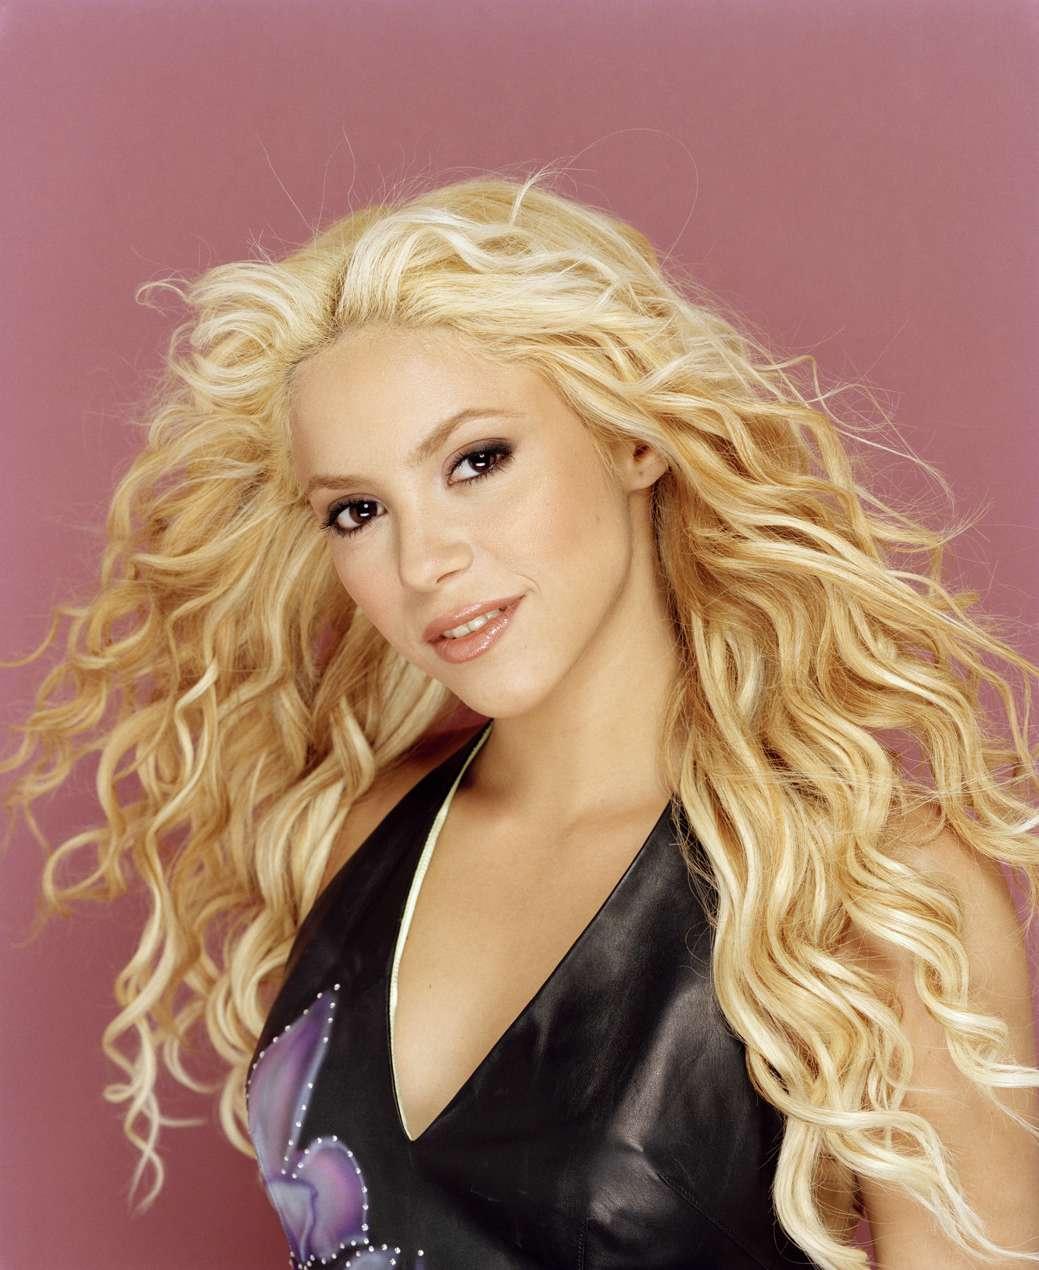 http://3.bp.blogspot.com/-vIpbdjcL8fc/Tif3Vy705ZI/AAAAAAAAAe4/_ZPuke3owmo/s1600/Shakira10.jpg